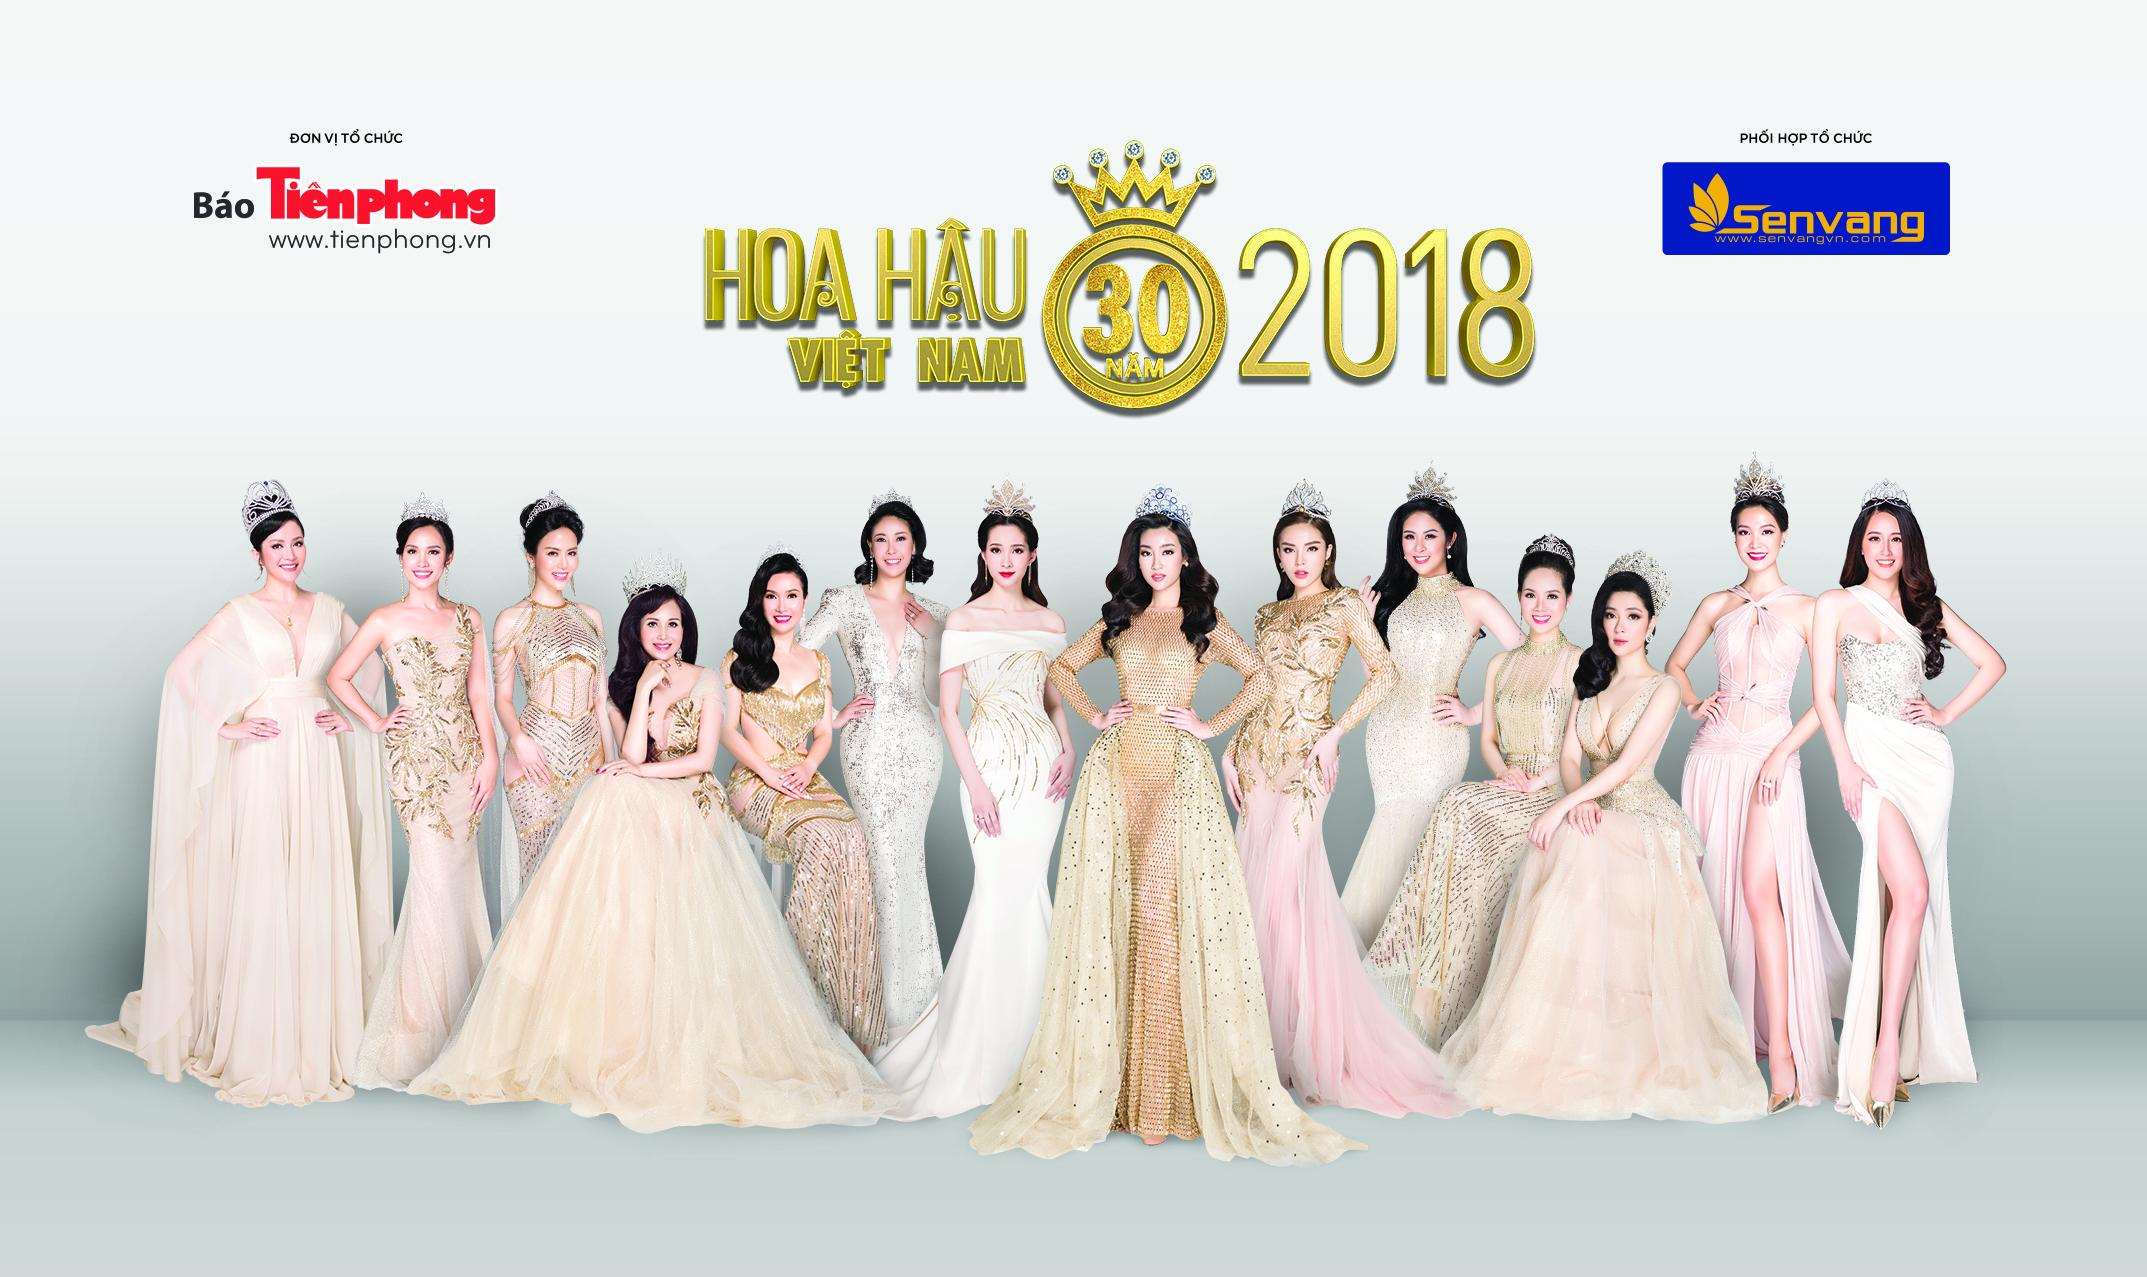 Lần đầu tiên tất cả các Hoa hậu Việt Nam sắp tụ hội trên cùng một sân khấu